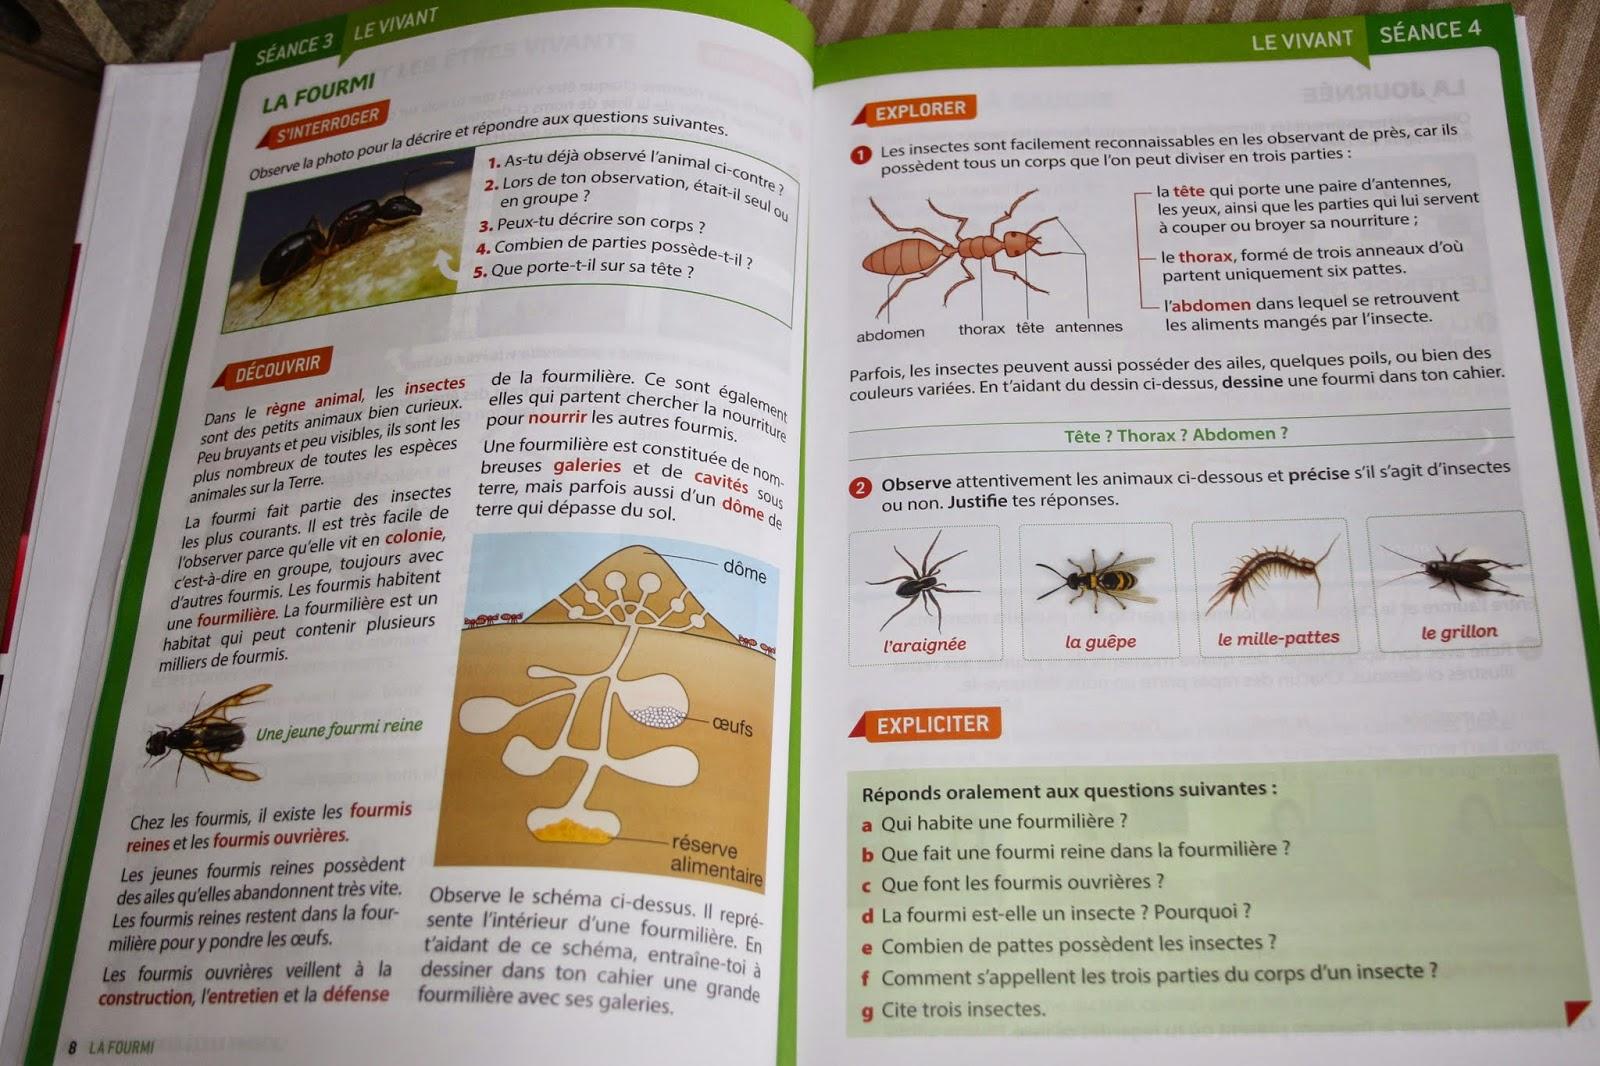 Fourmis dans la maison beautiful de marc de caf dans tous for Astuces contre les fourmis dans la maison